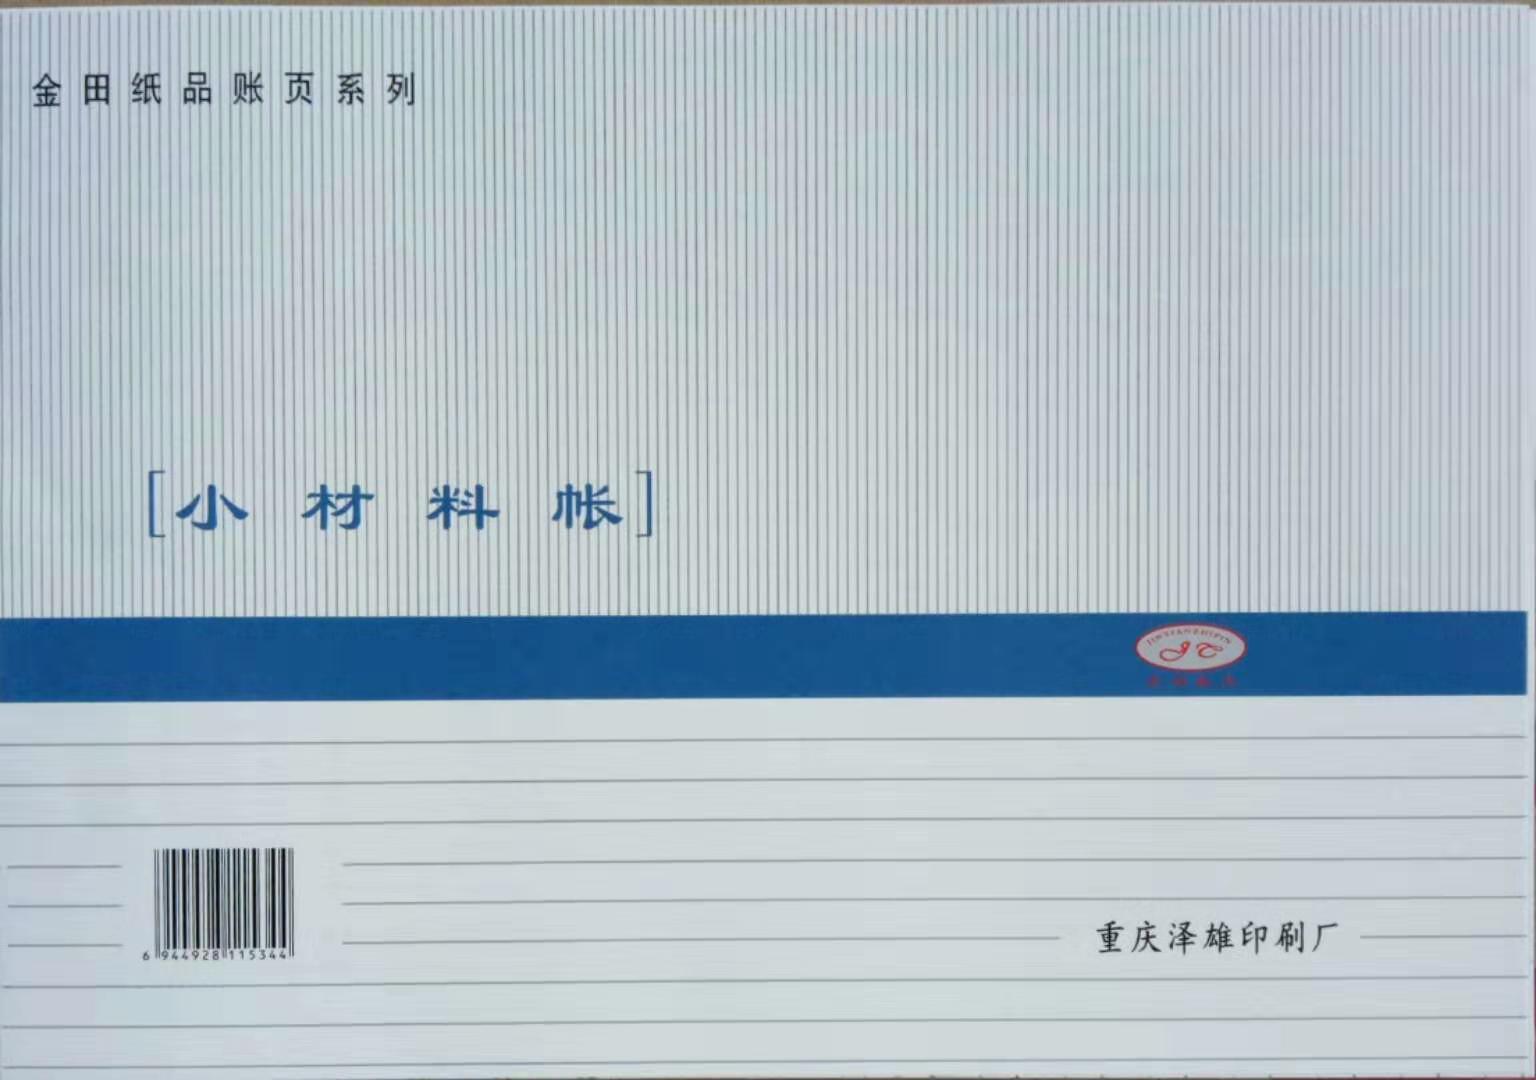 金田小材料账页